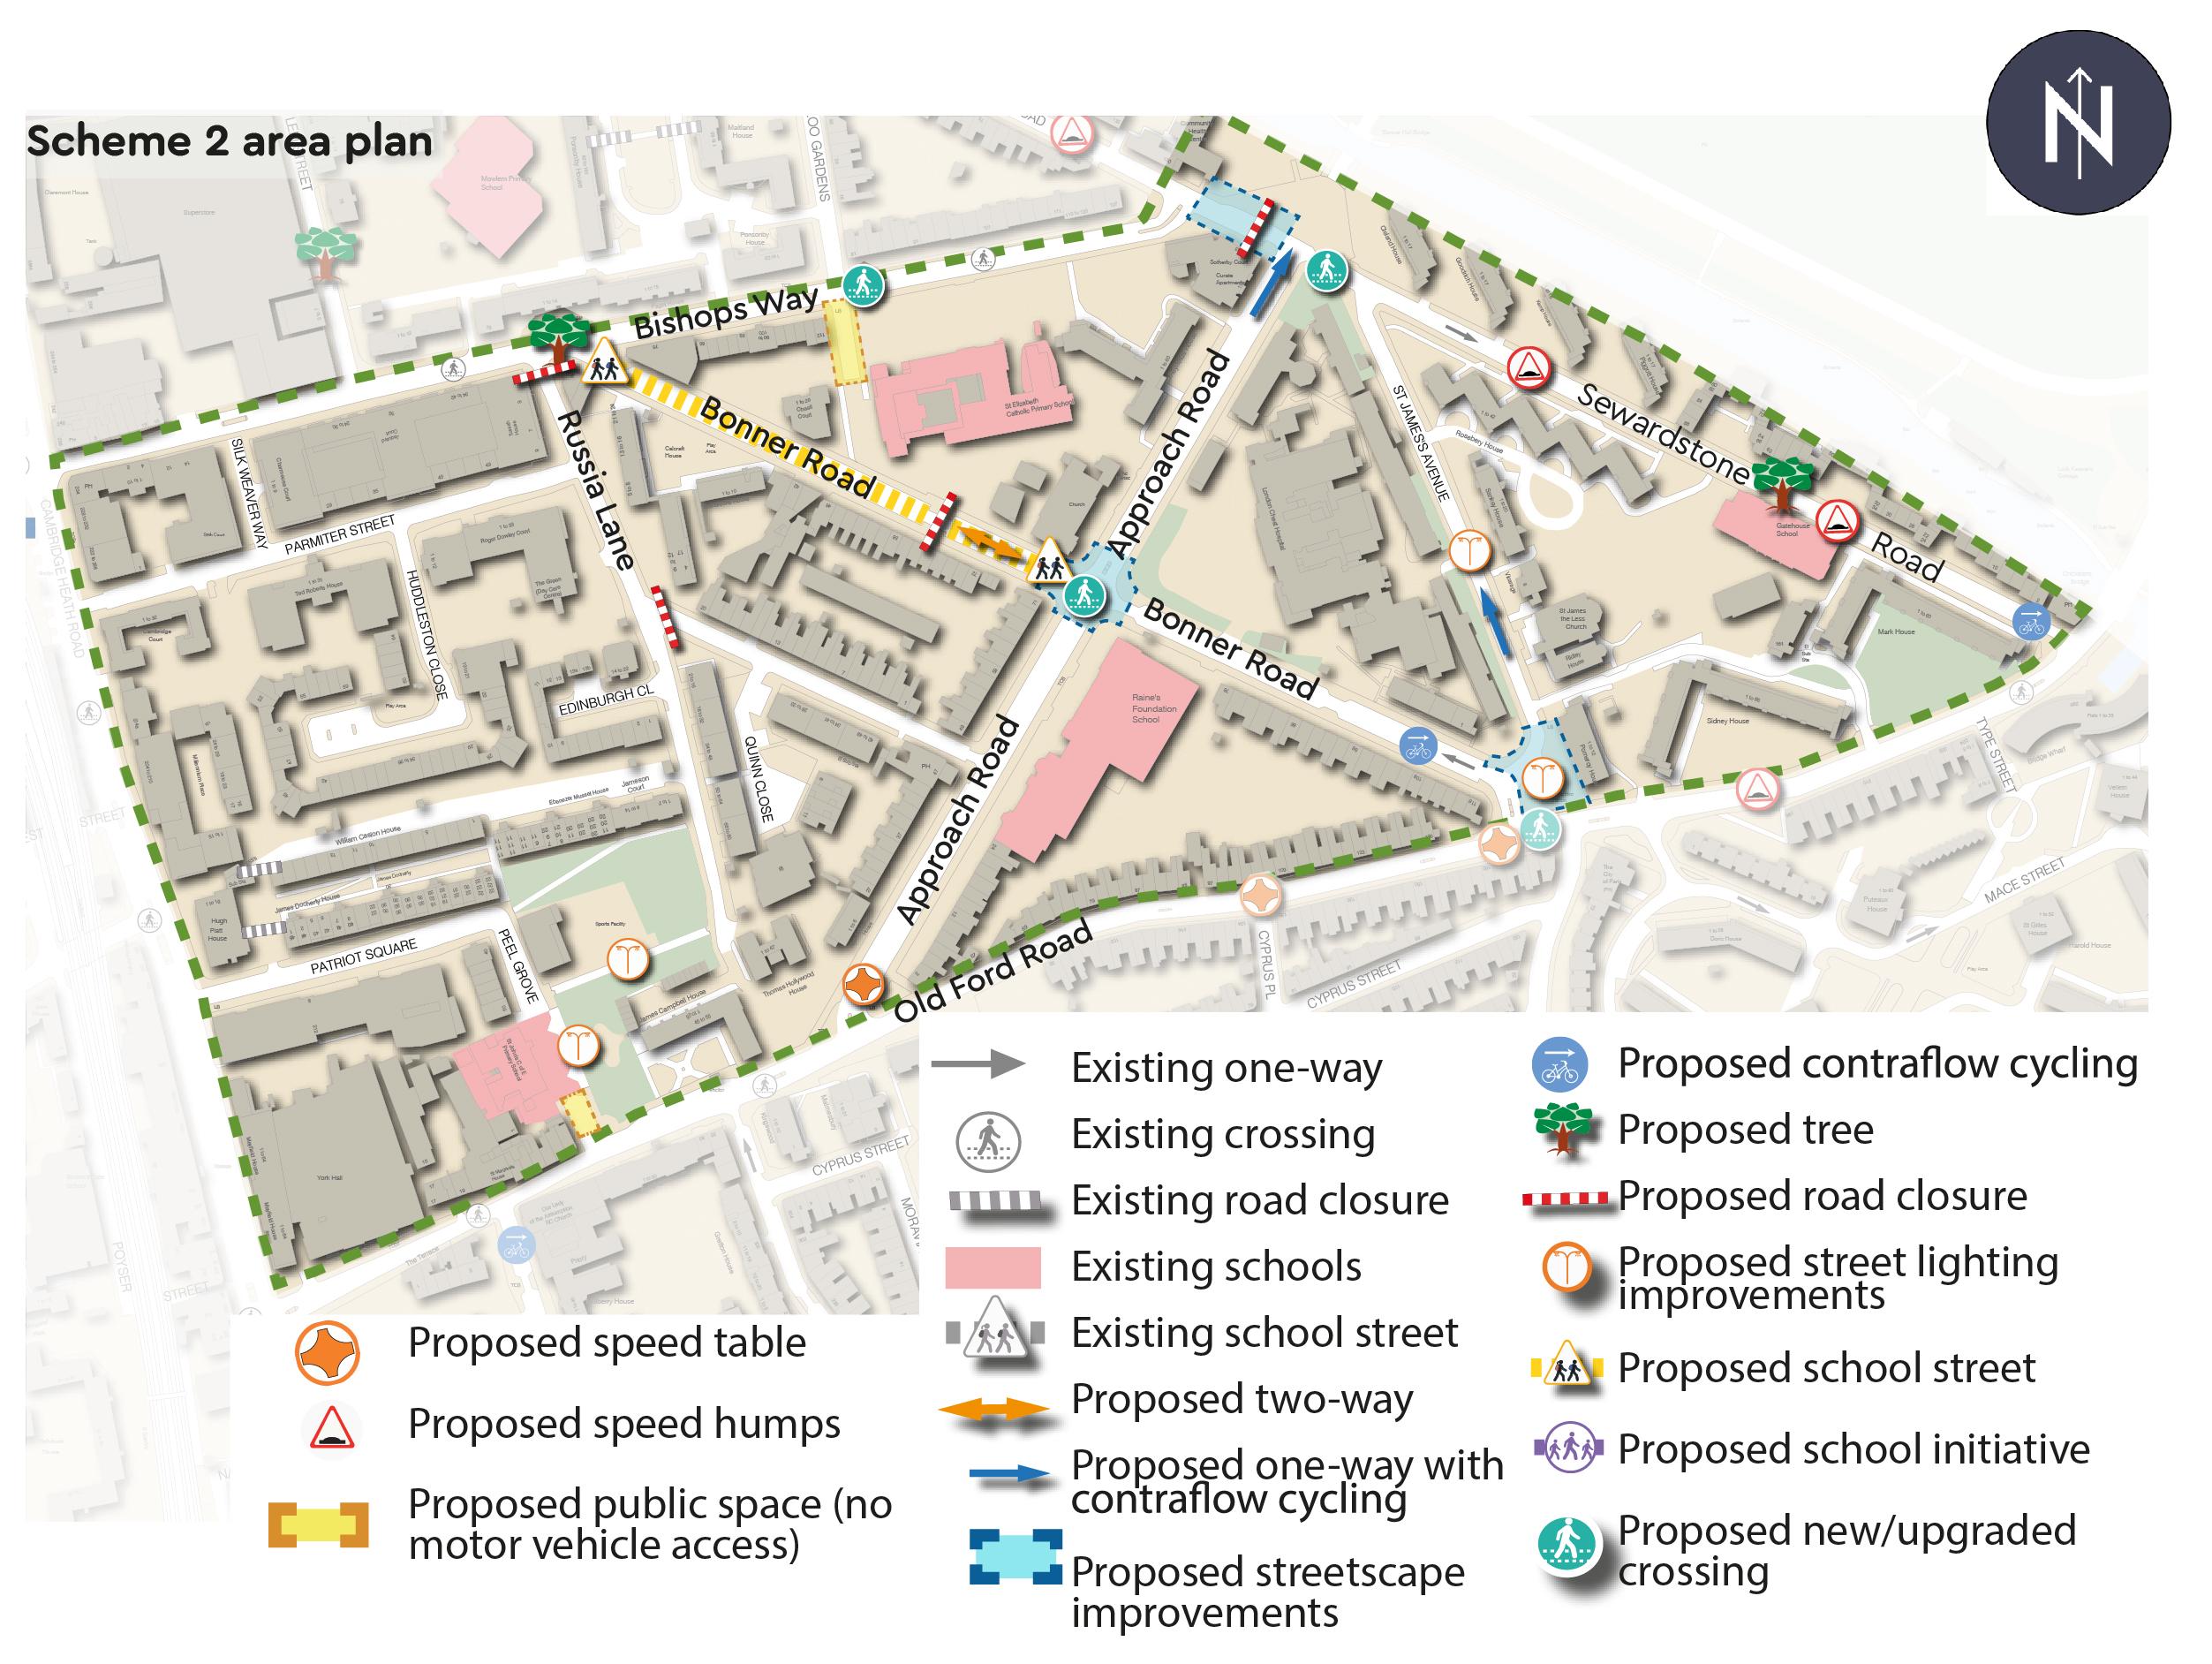 Scheme 2 area plan